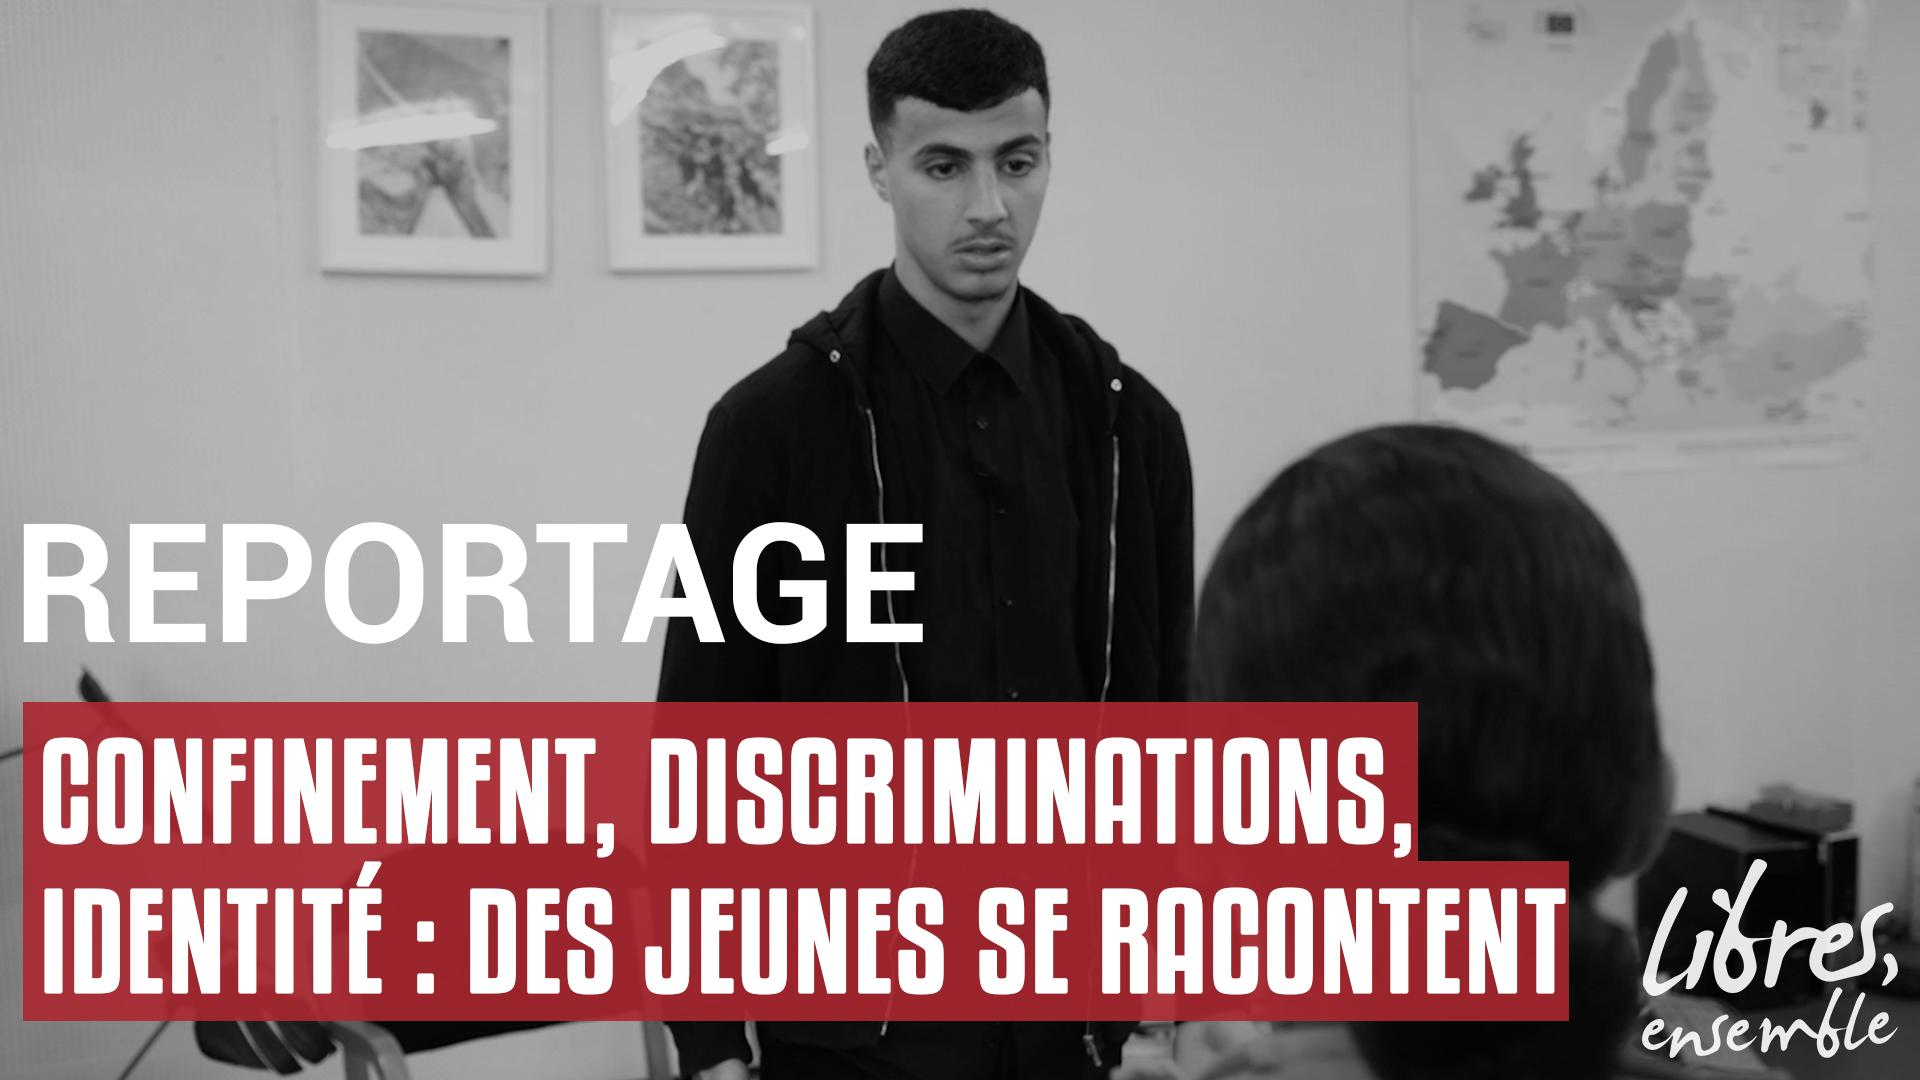 Confinement, discriminations, identité : des jeunes se racontent